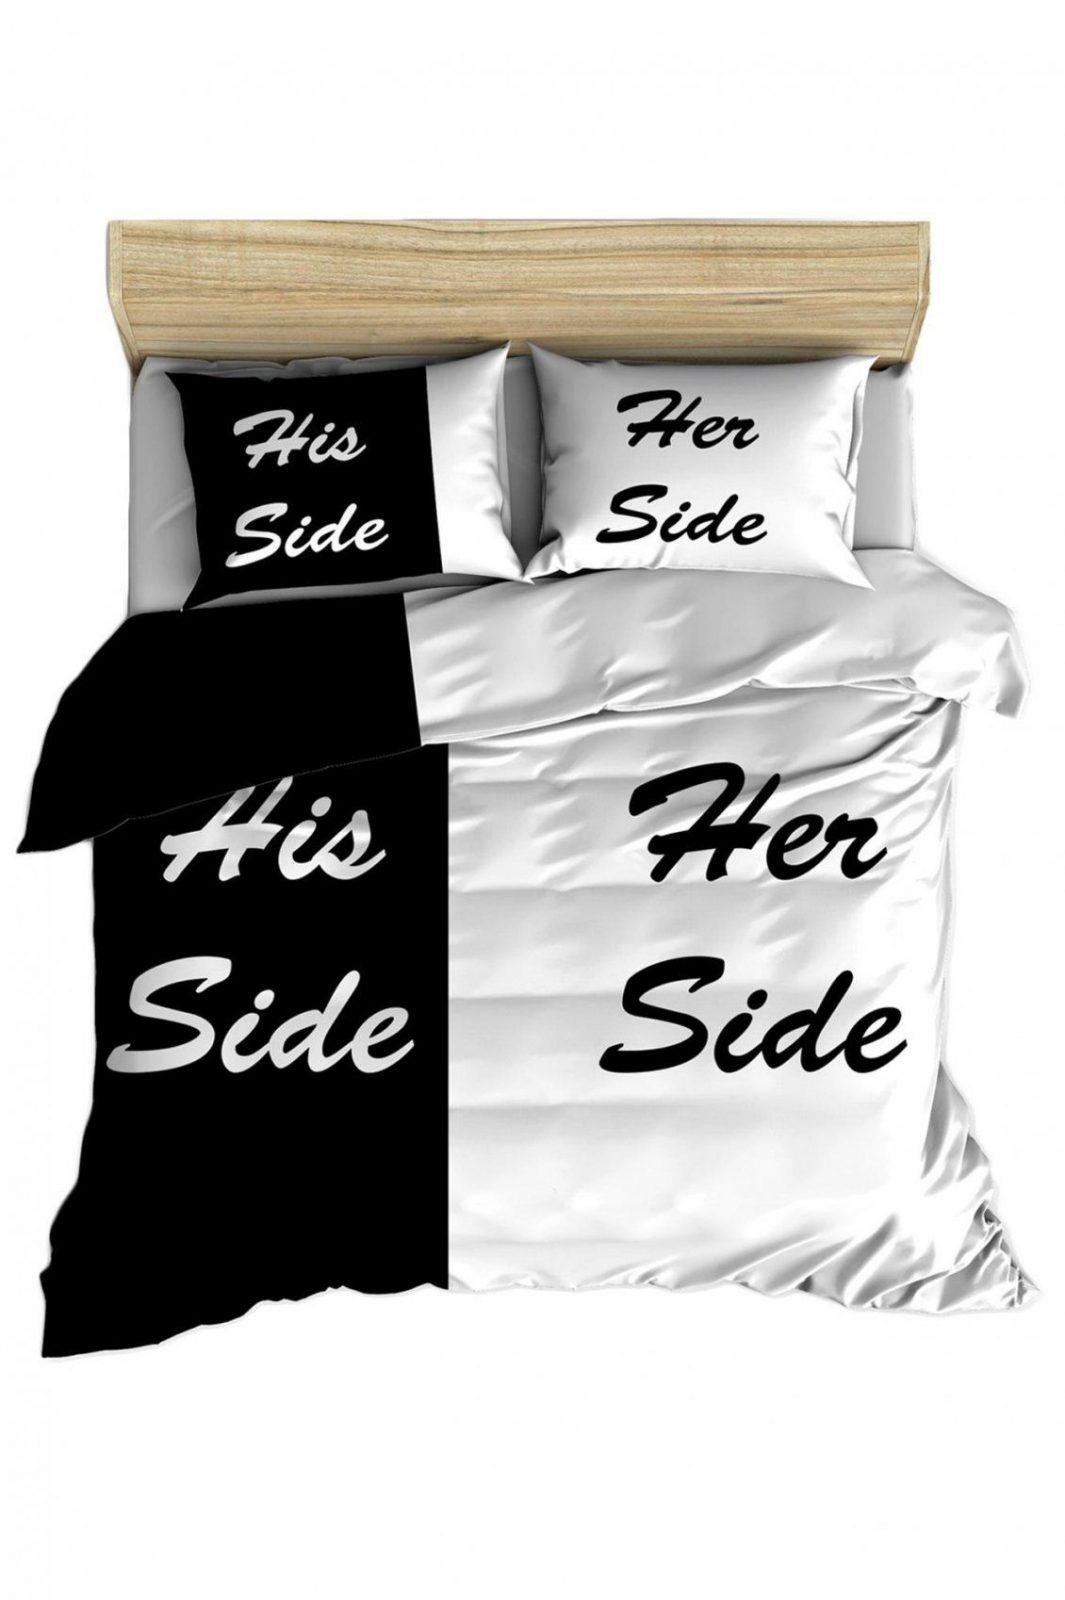 Bettwäsche His Side Her Side von Bettwäsche Her Side His Side Photo